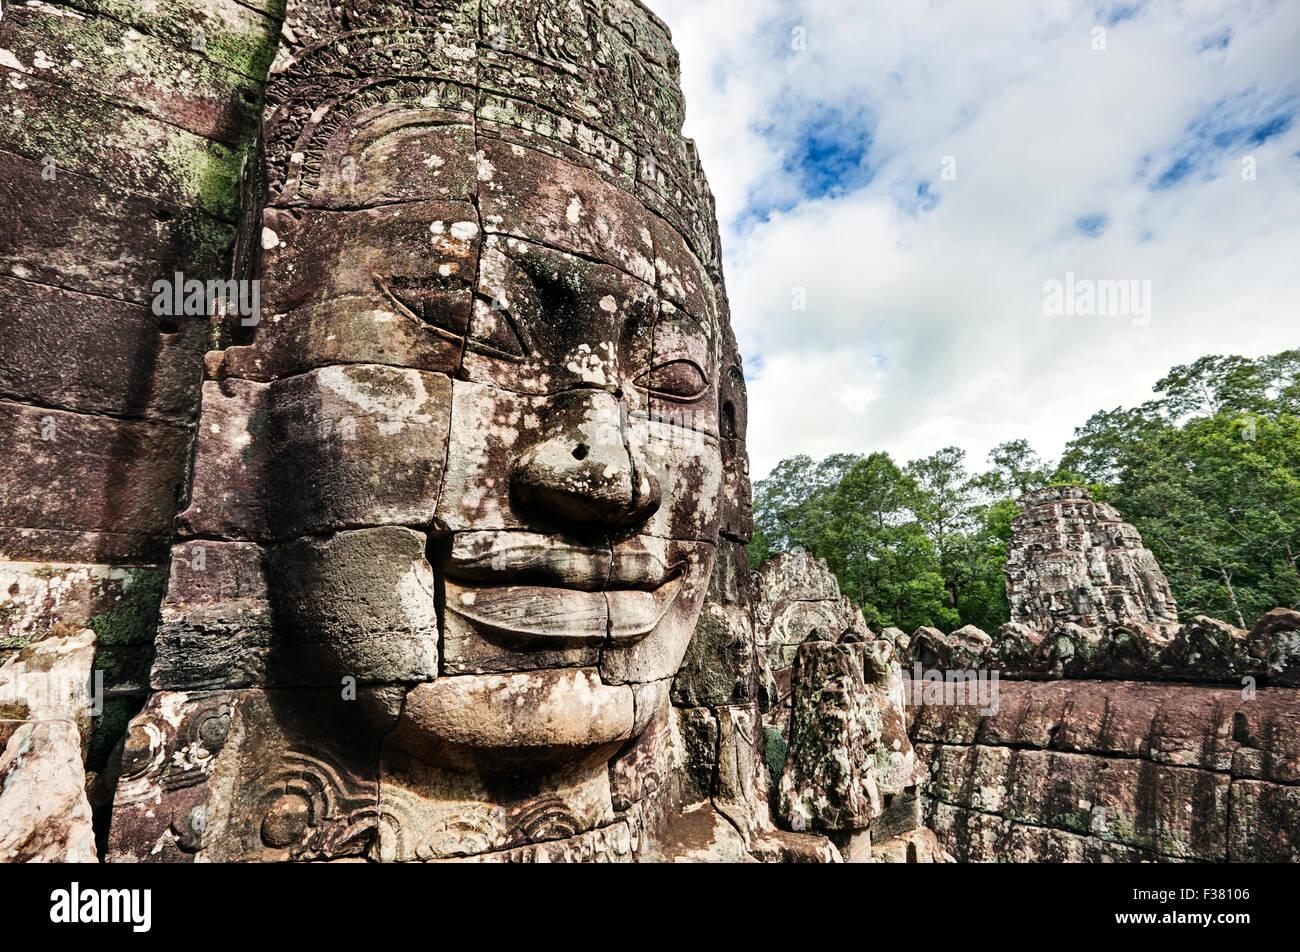 Scolpita in pietra faccia gigante al tempio Bayon in Angkor Thom. Parco Archeologico di Angkor, Siem Reap Provincia, Immagini Stock